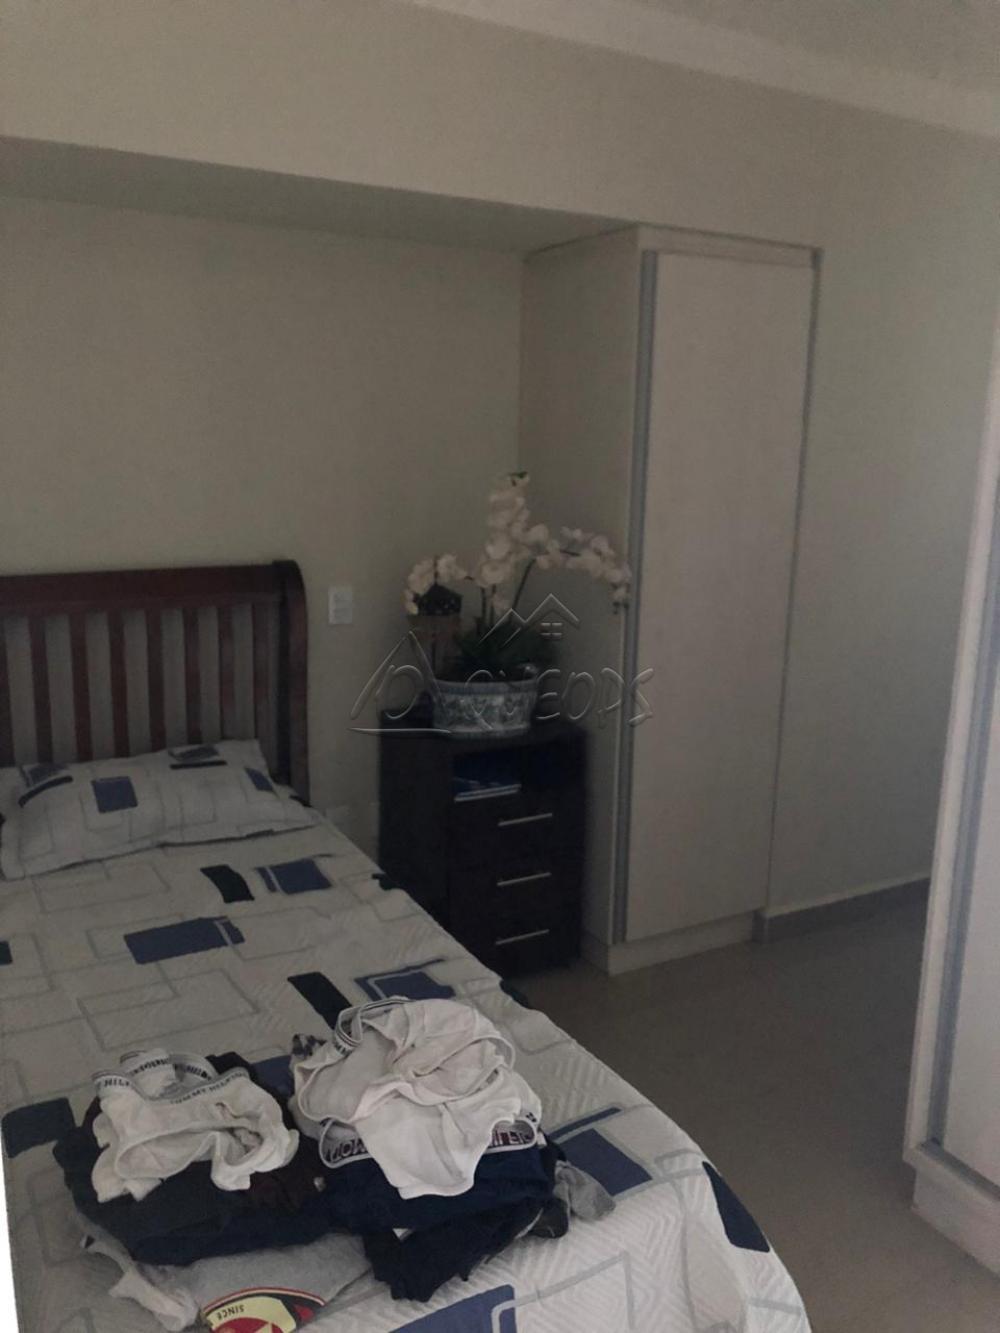 Comprar Apartamento / Padrão em Barretos apenas R$ 700.000,00 - Foto 20